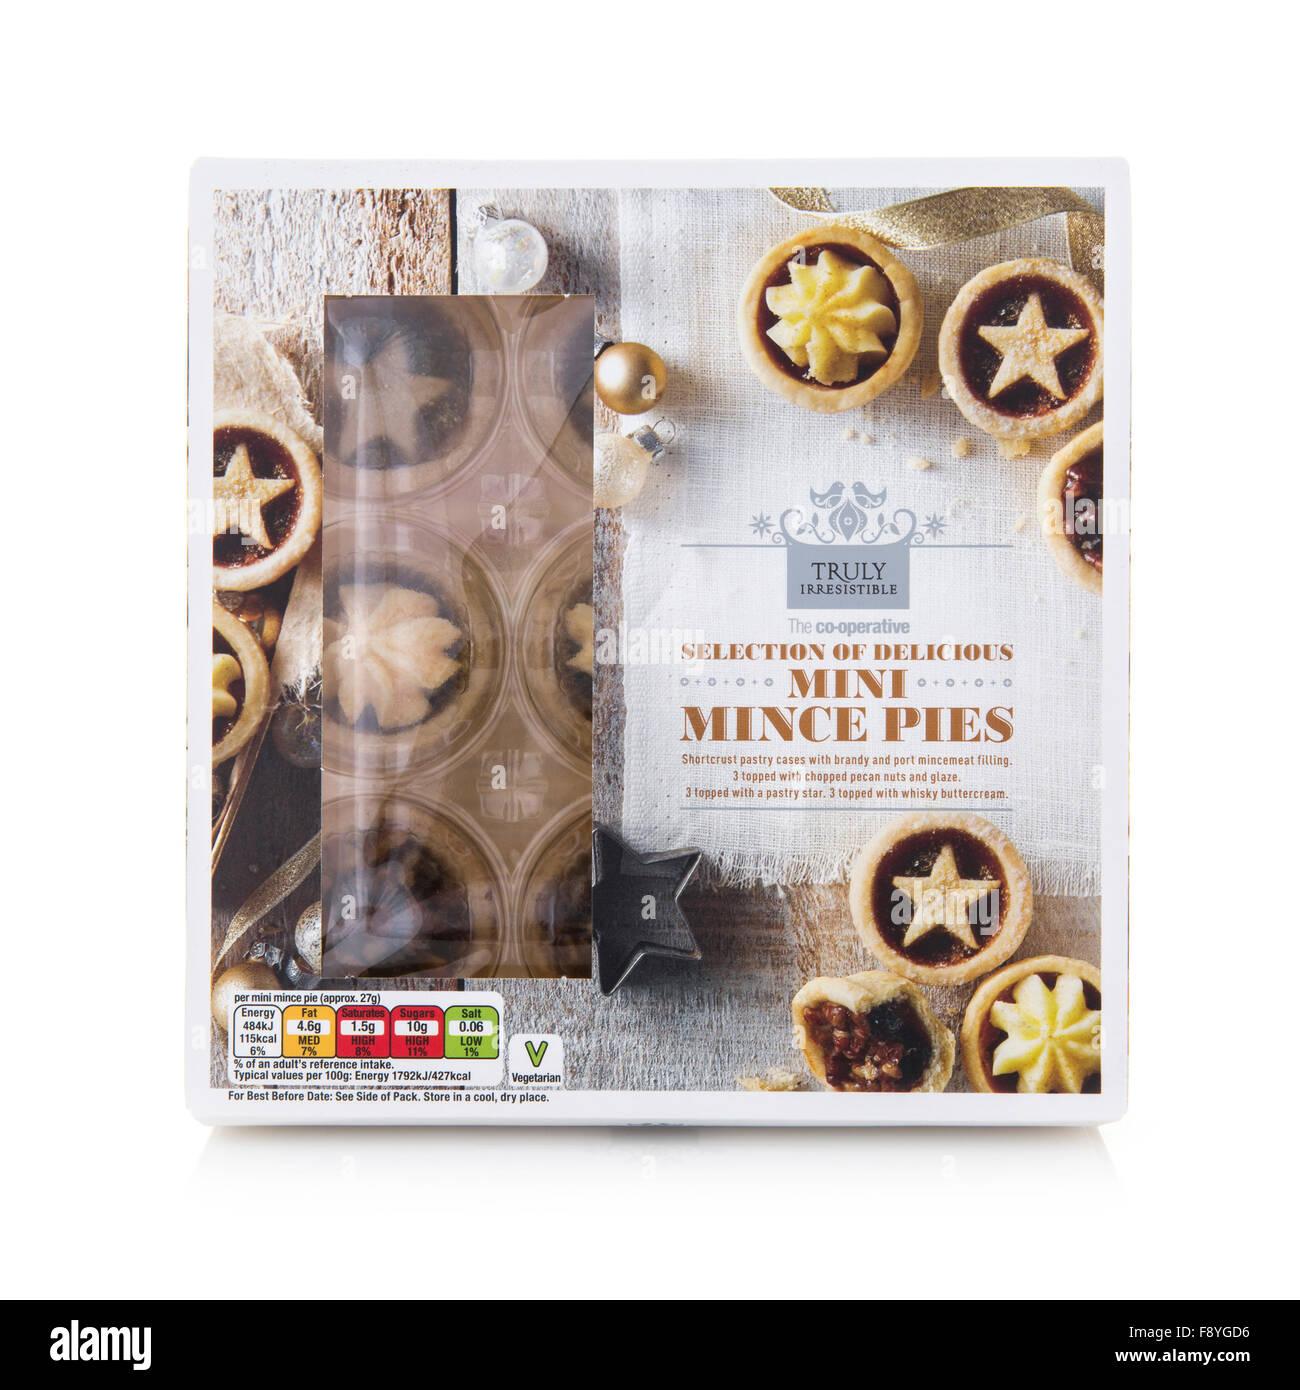 Co-Operative Auswahl an köstlichen Mini Weihnachten Mince Pies auf weißem Hintergrund Stockfoto